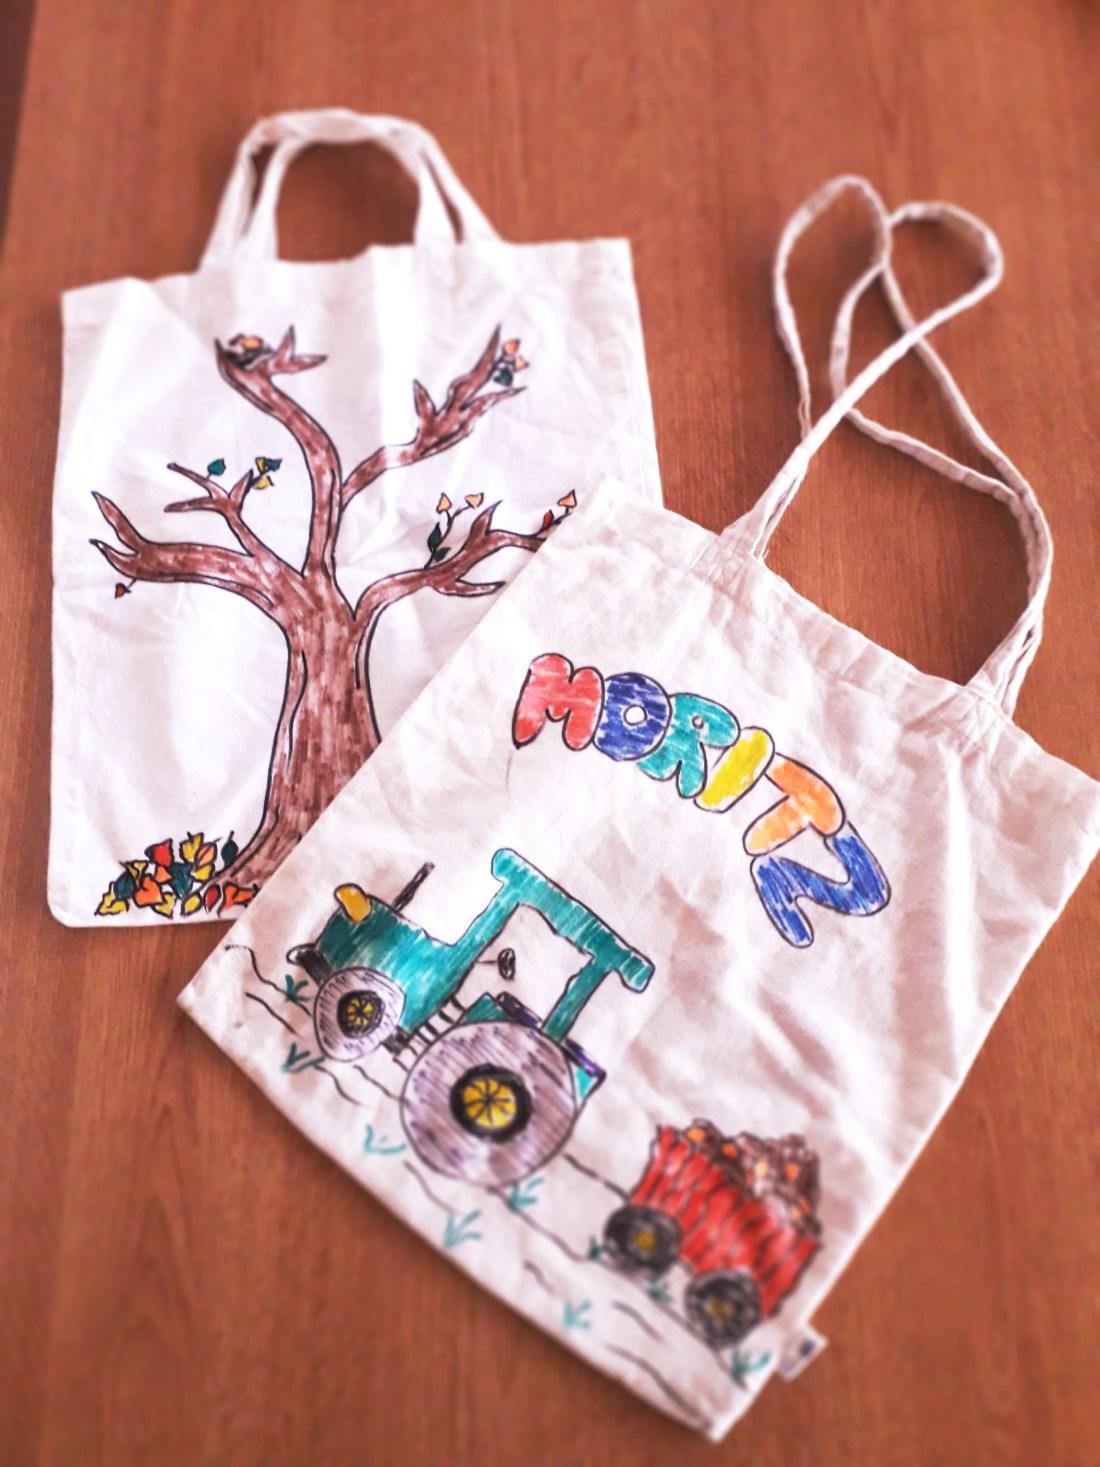 Tasche für coole dinge, inspiration diy, best diy, wandern mit kindern in vorarlberg, wandern in vorarlberg, bregenz, lauterach, thesunnysideofkids